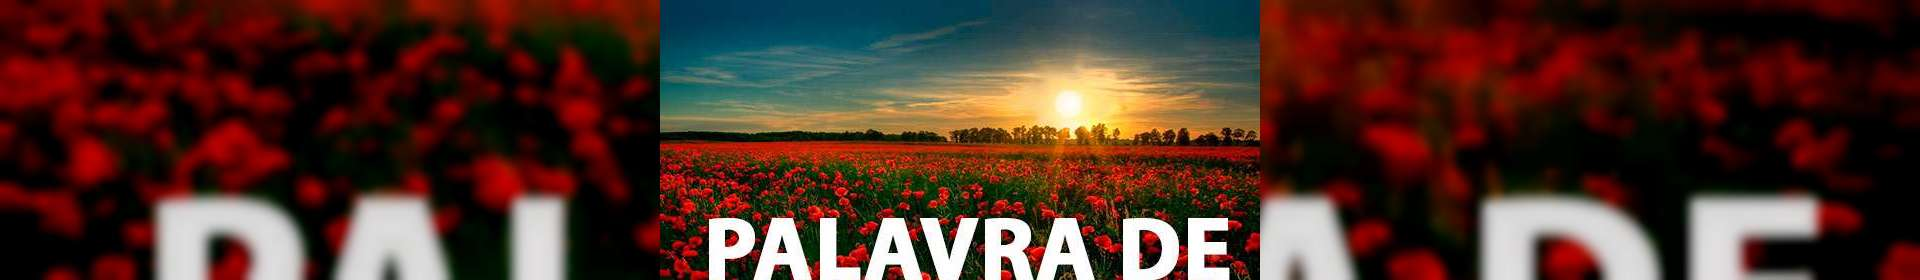 Salmos 89:15 - Uma Palavra de Esperança para sua vida